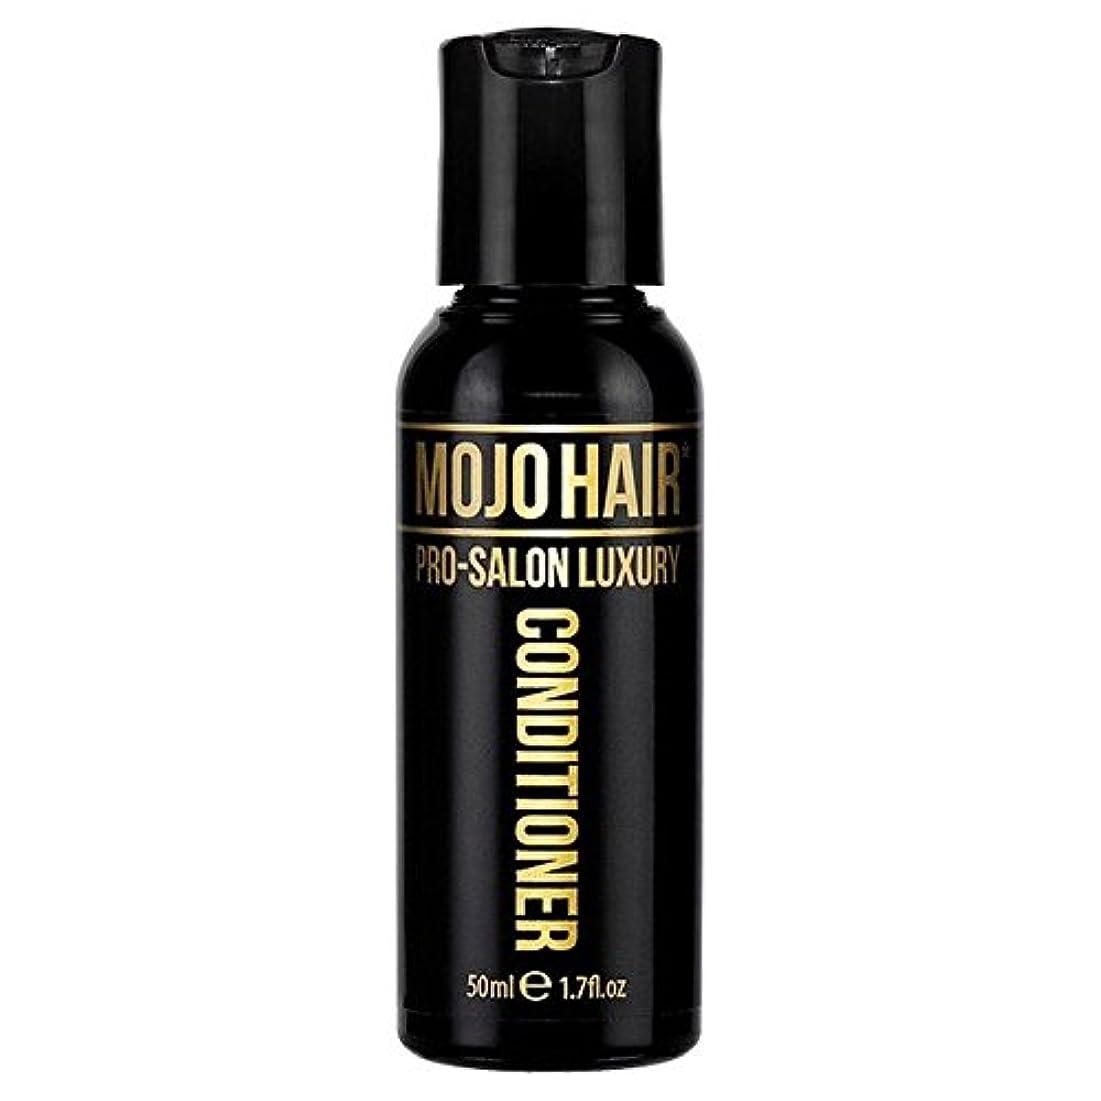 り防衛ドキドキ男性のためのモジョの毛プロのサロンの贅沢な香りコンディショナー、トラベルサイズの50ミリリットル x4 - MOJO HAIR Pro-Salon Luxury Fragrance Conditioner for Men...